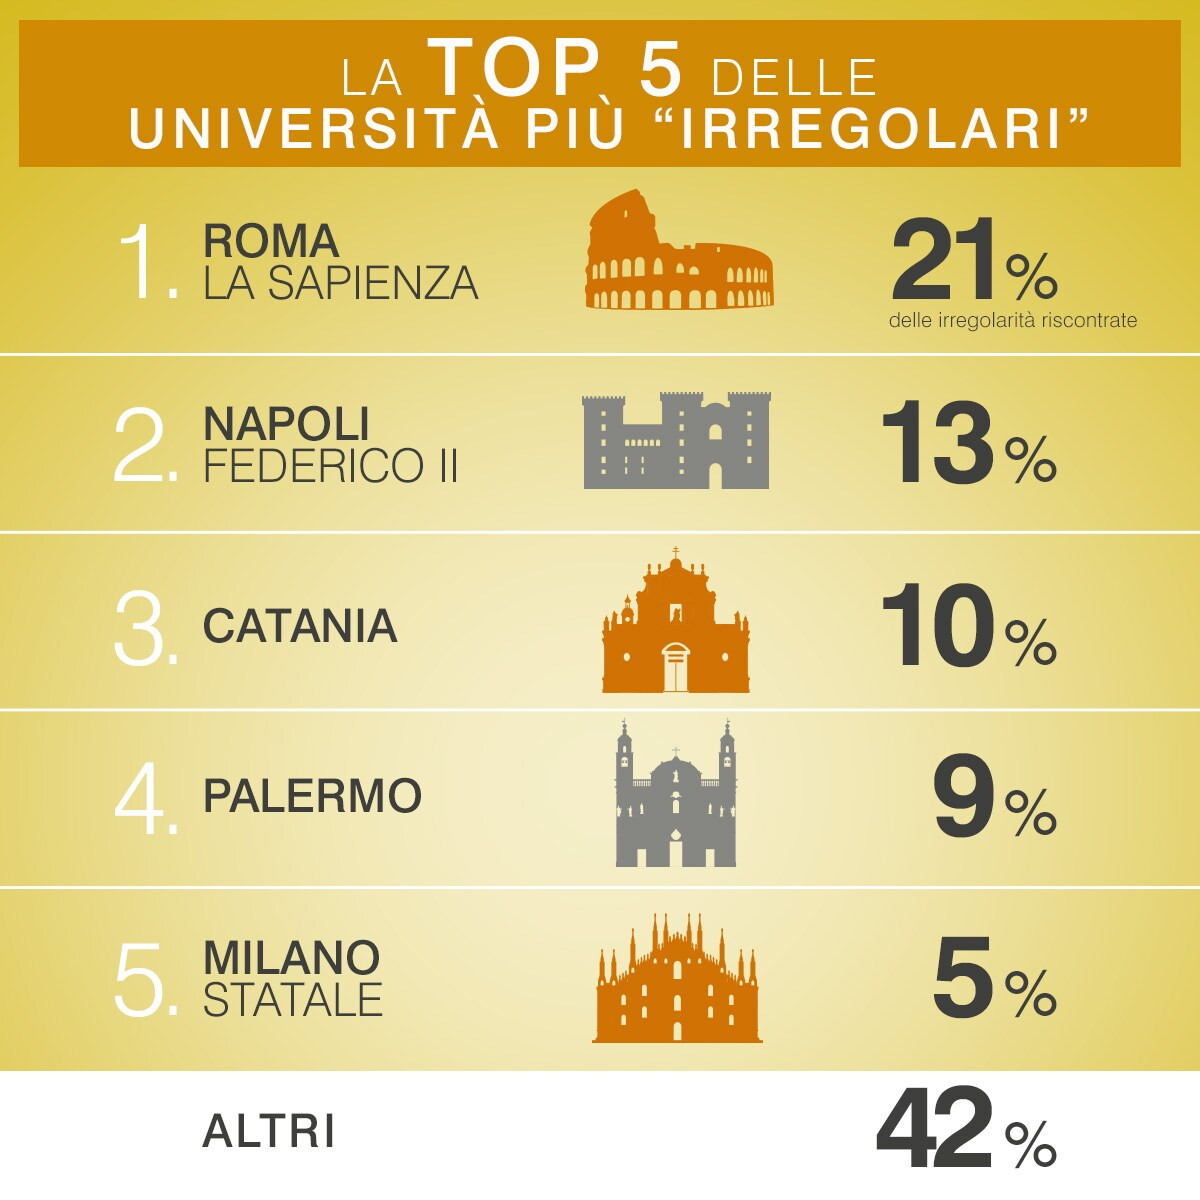 Irregolarità durante i test d'accesso alla facoltà di Medicina: anche a Catania